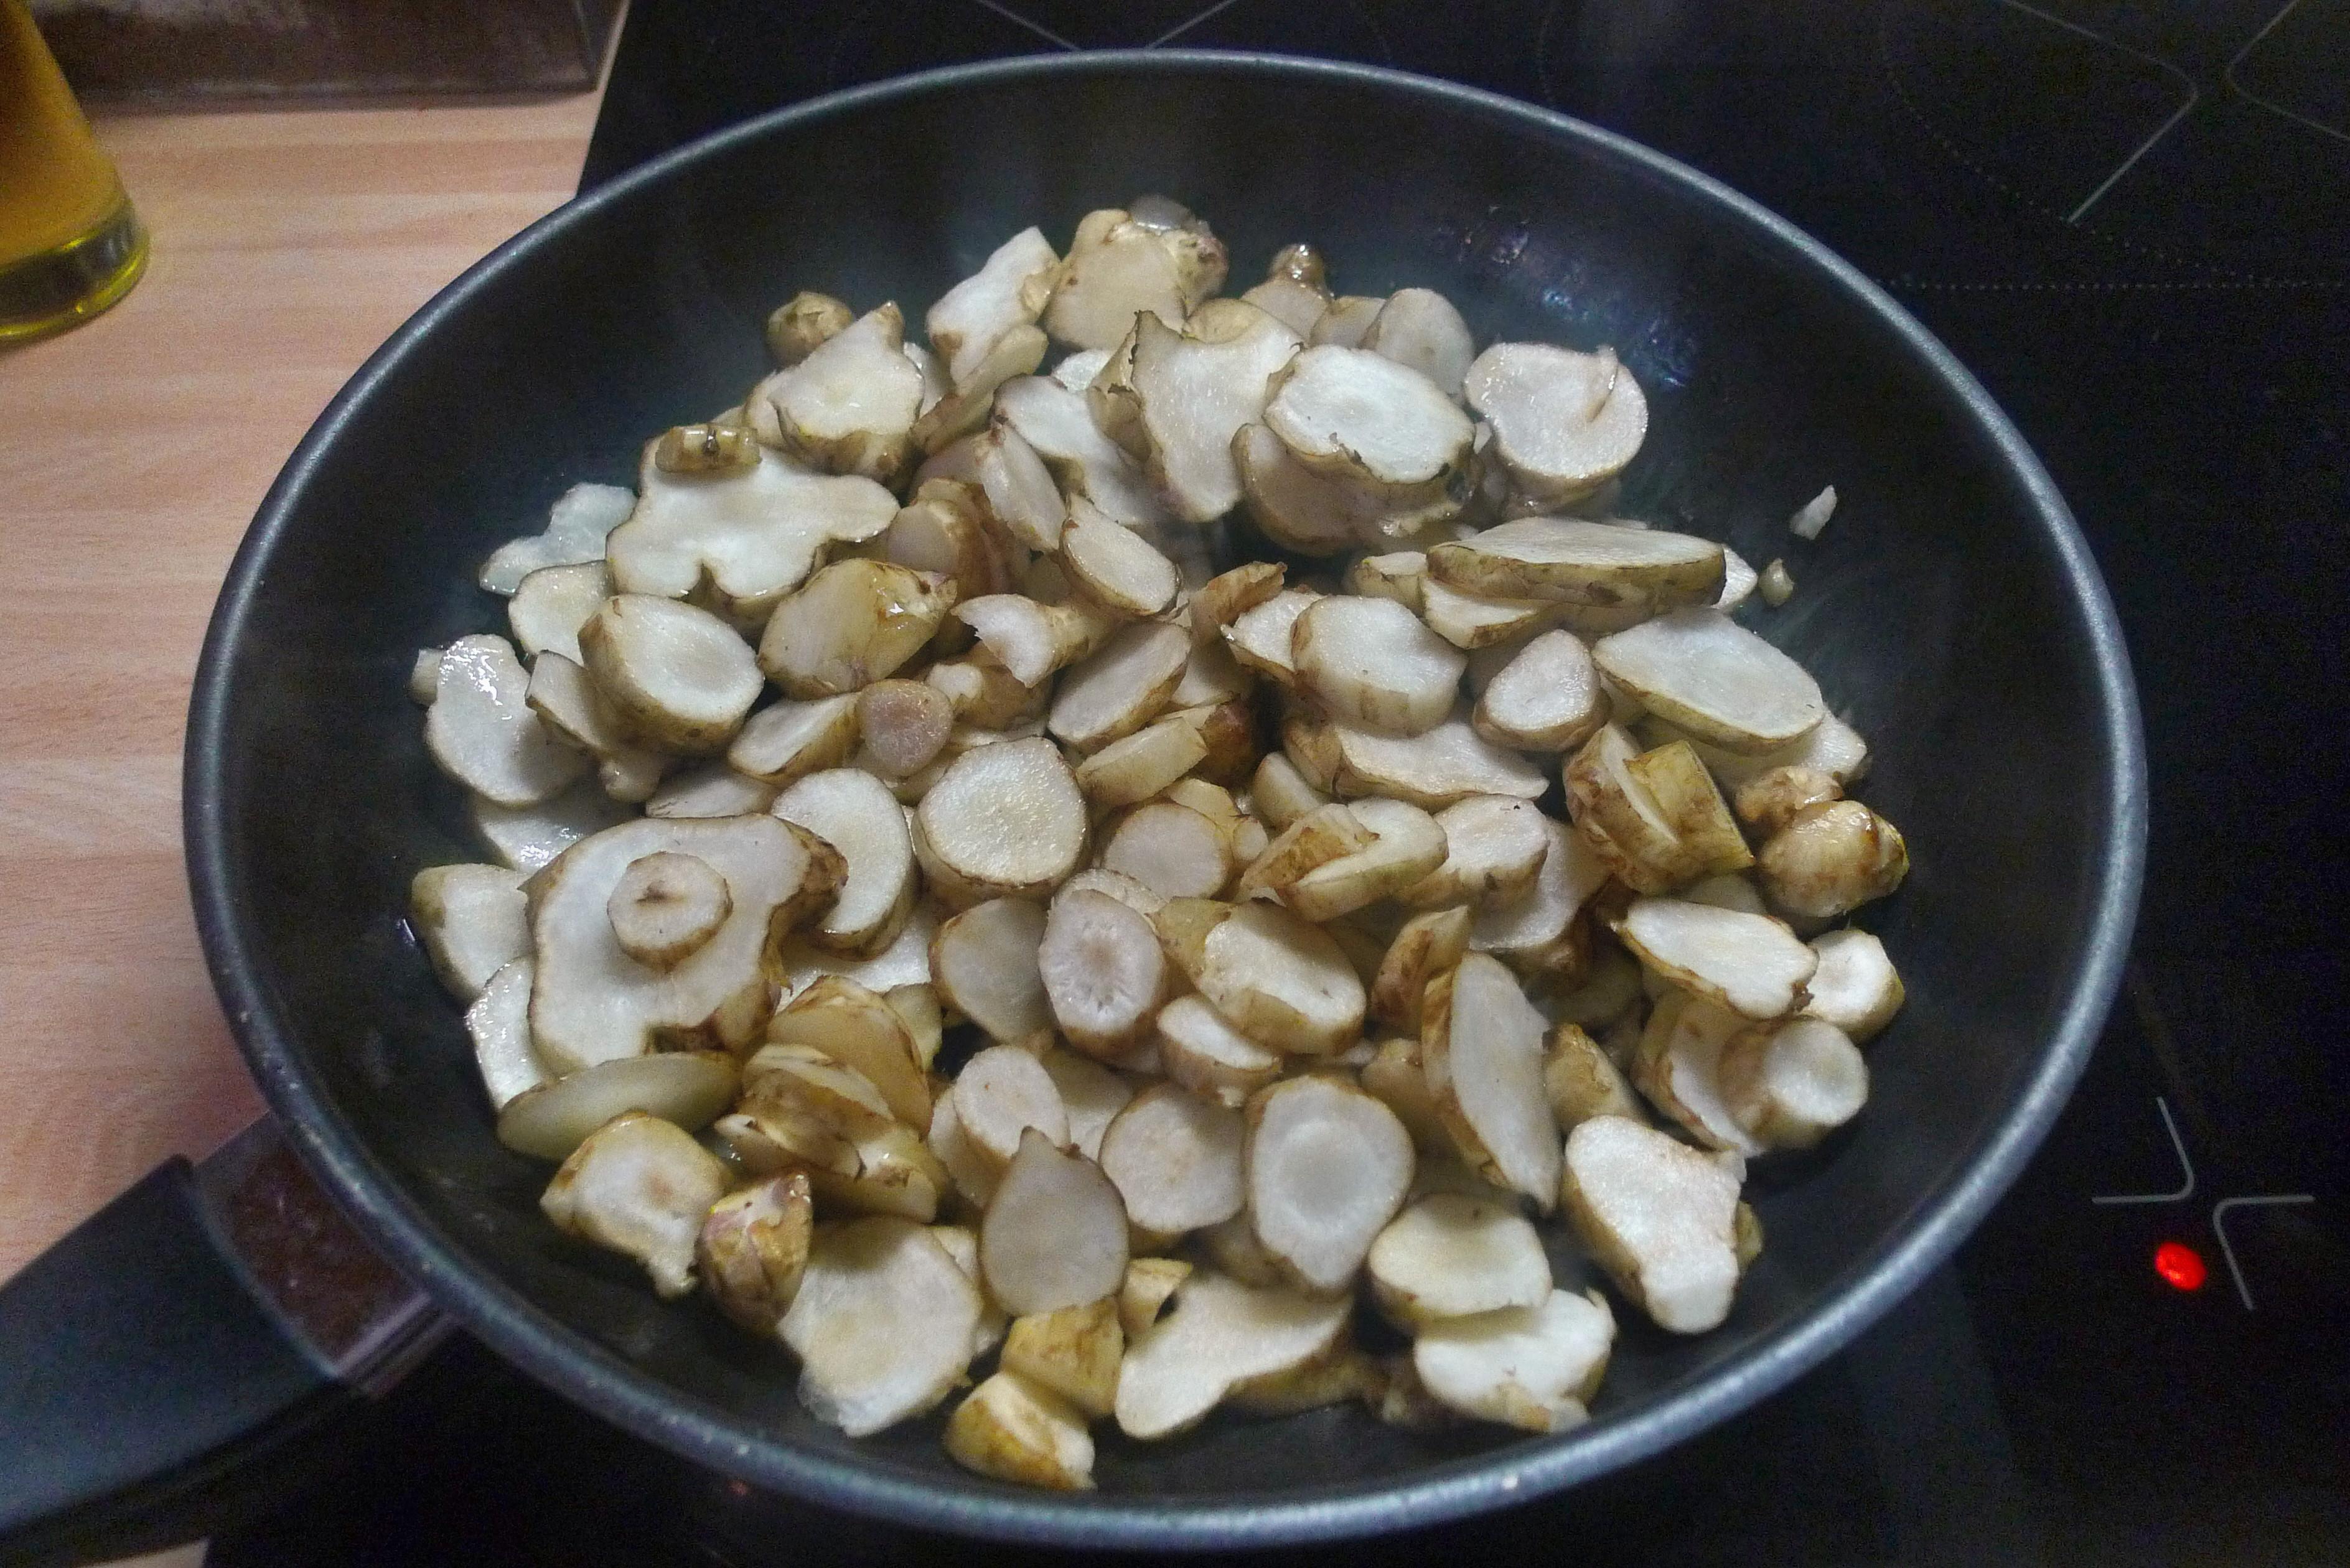 Topinambur-Kohlrabisalat-Gebratene Tomaten-Lachs - 23.10.14   (14)